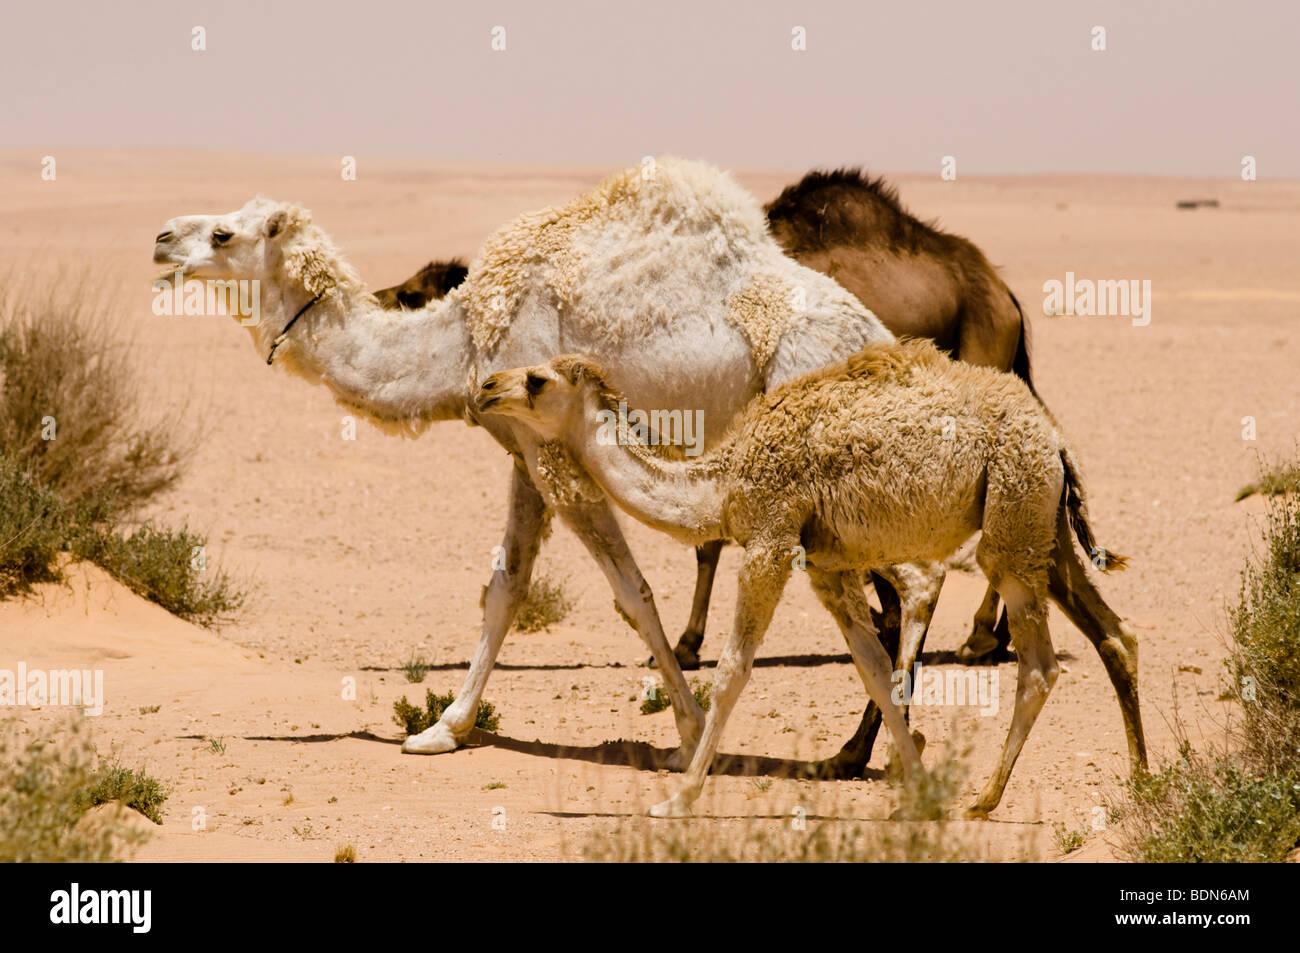 syrian desert stock photos syrian desert stock images alamy